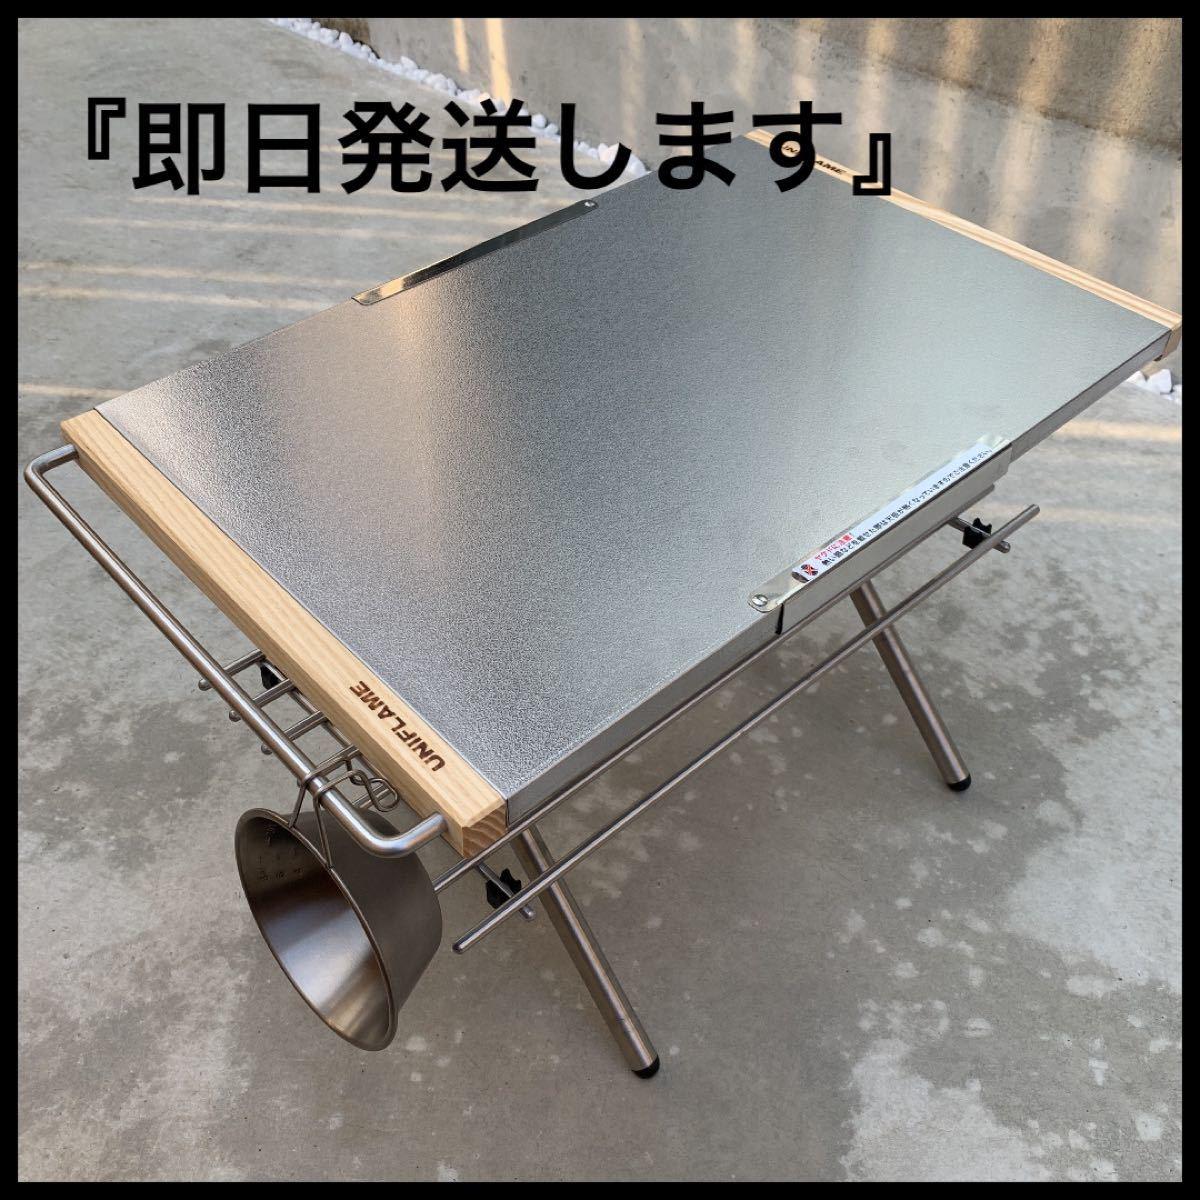 バンド付【新品】ユニフレーム 焚き火テーブル用 パーツ2点&小物用ラック3段